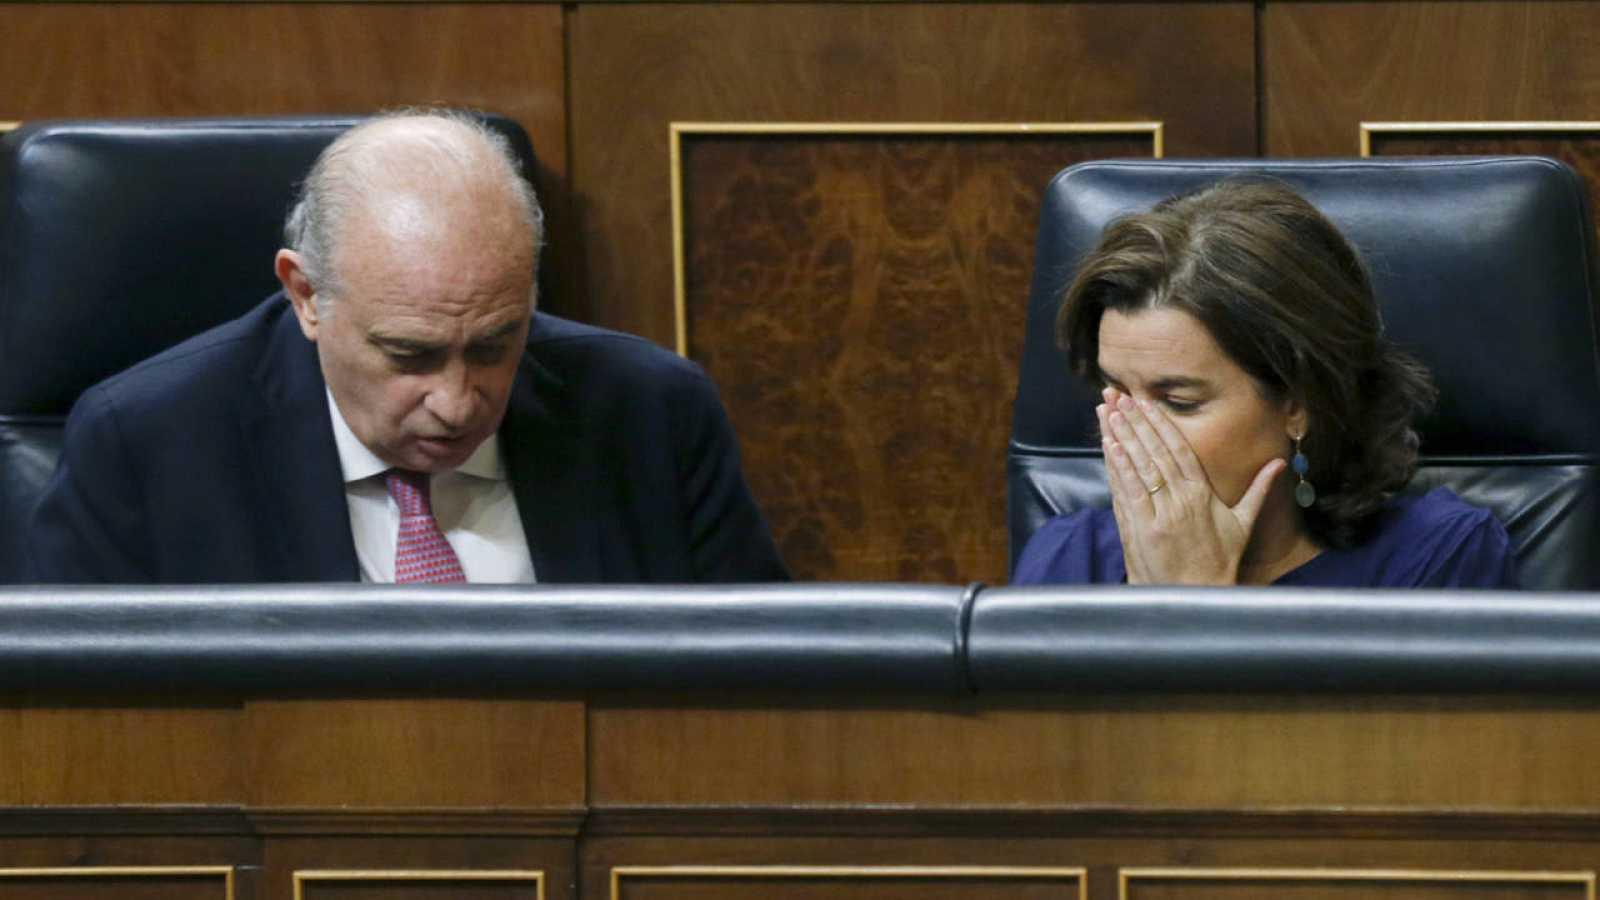 El ministro del Interior en funciones, Jorge Fernández Díaz, y la vicepresidenta del Gobierno en funciones, Soraya Sáenz de Santamaría, durante el pleno del Congreso